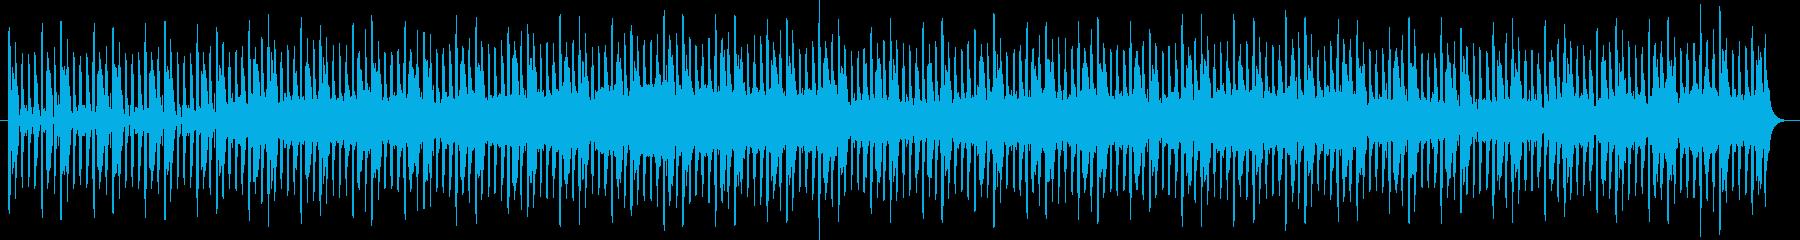 ストイックなサイバー感4つ打ちの再生済みの波形